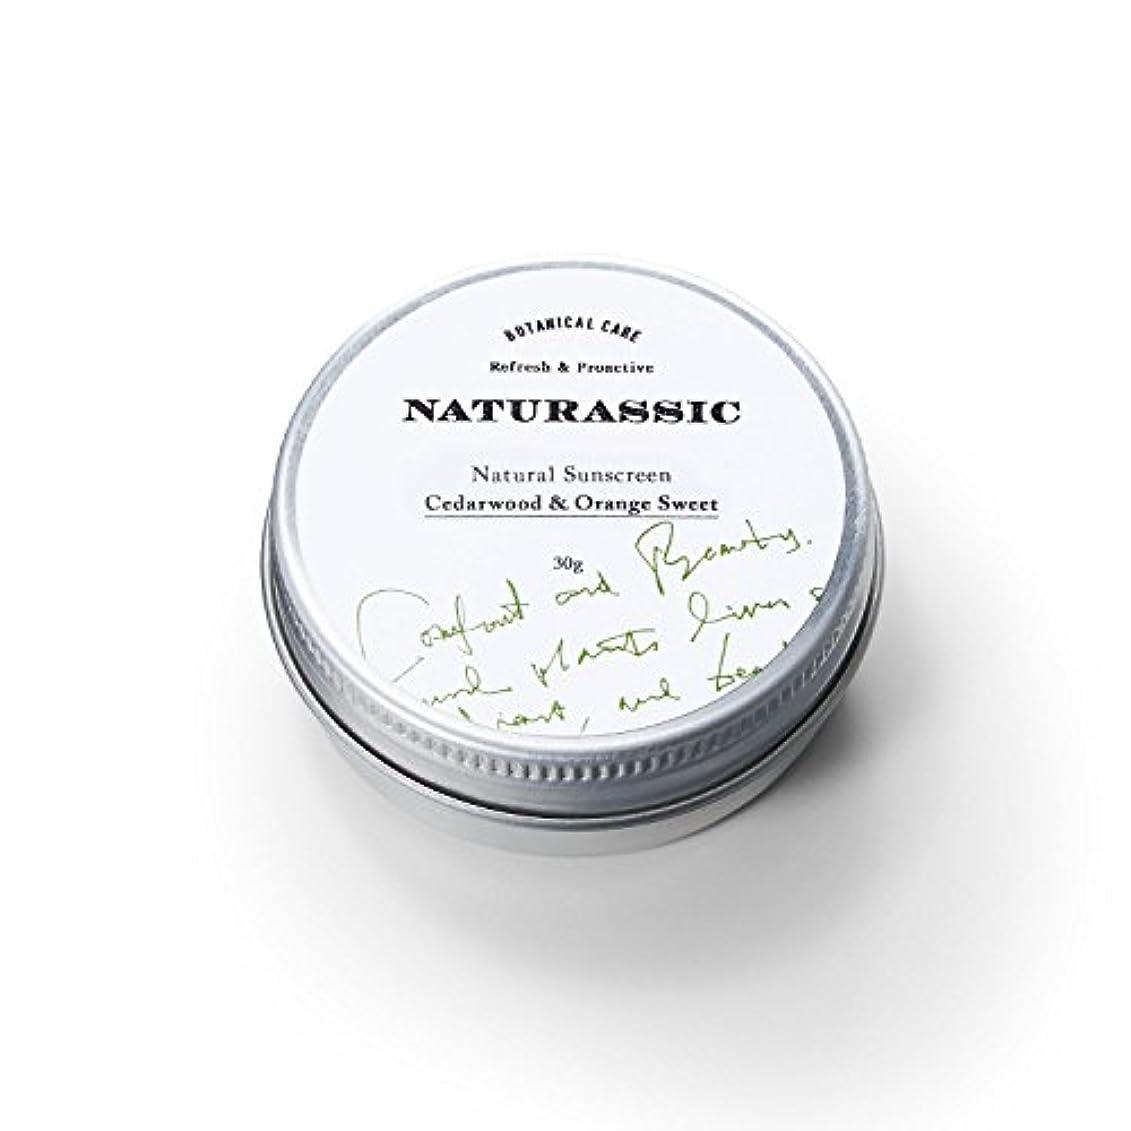 エール寄託ホールナチュラシック ナチュラルサンスクリーンCO シダーウッド&オレンジスイートの香り 30g [天然由来成分100%]